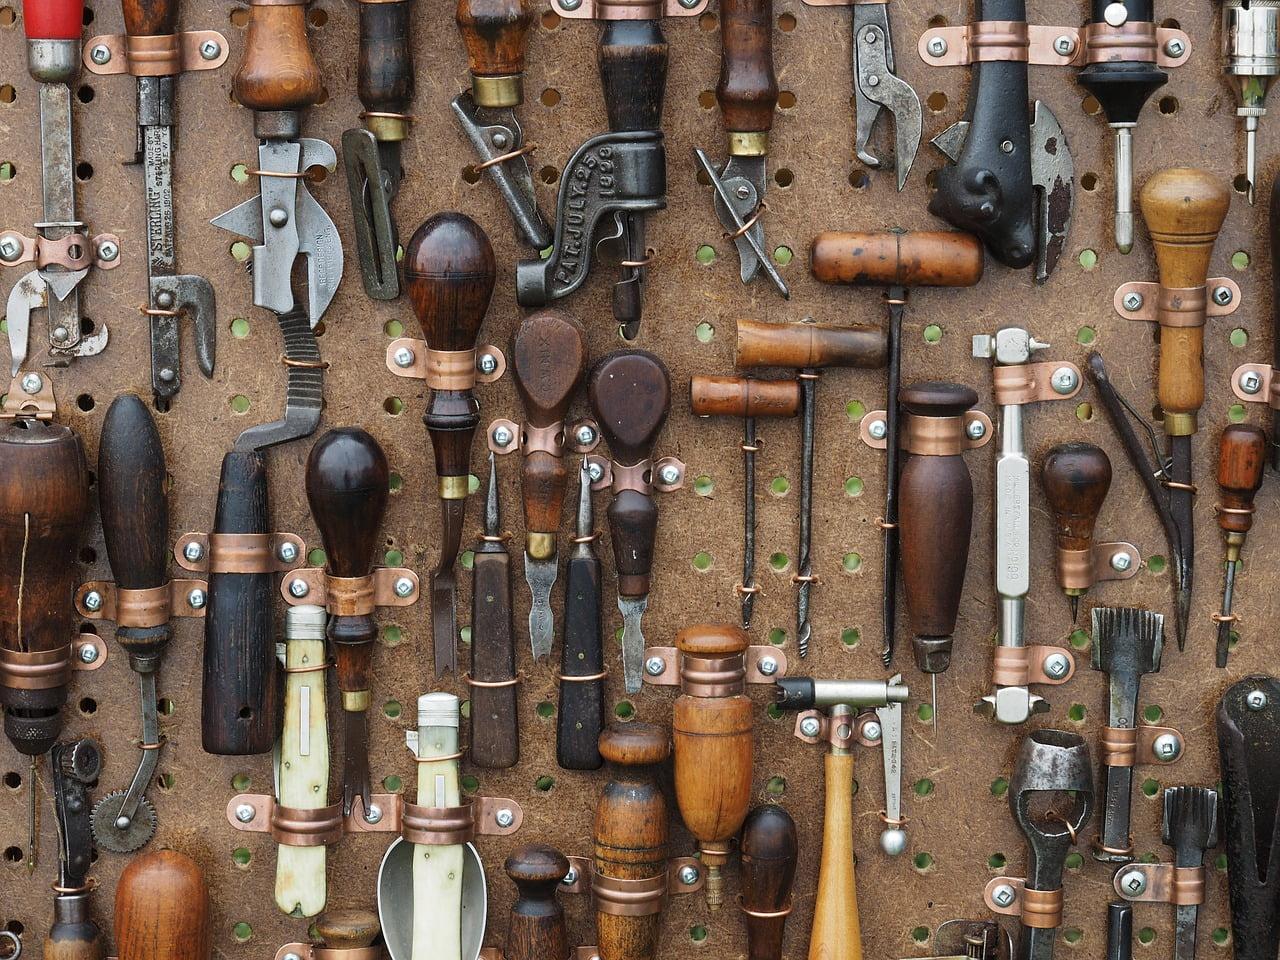 herramientas calcular dificultad palabra clave